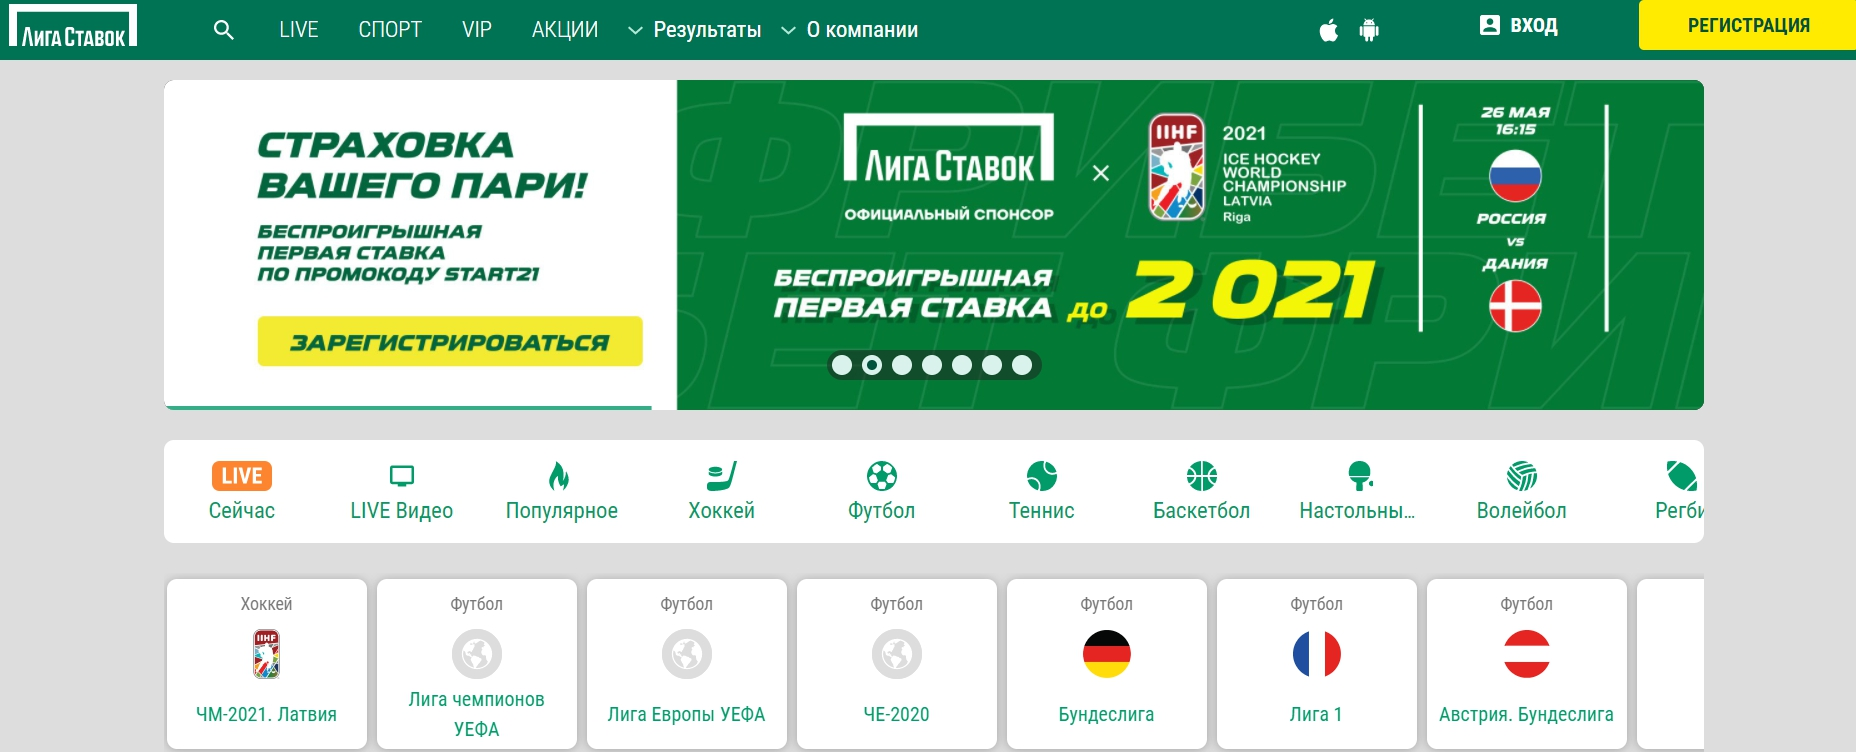 БК «Лига Ставок» - обзор официального сайта 2021 - изображение 1